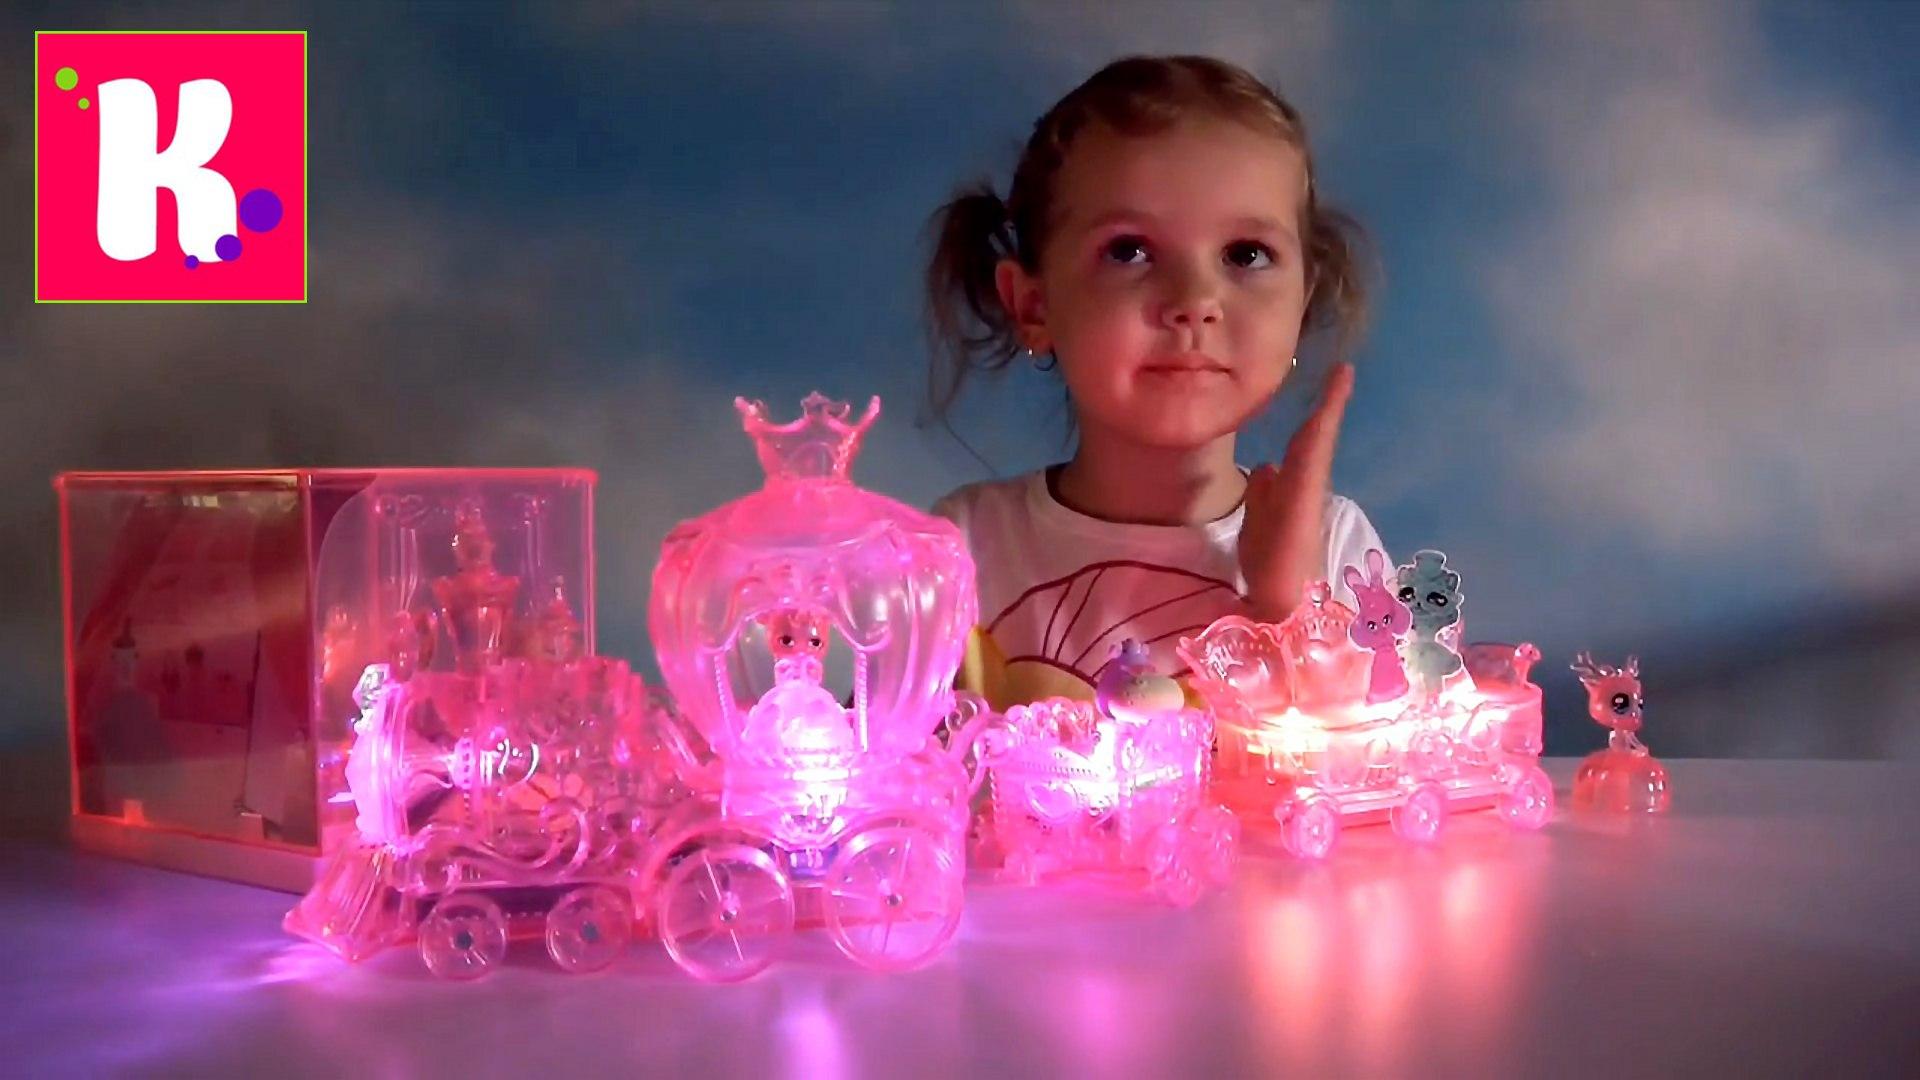 Игрушки с подсветкой Moon Beams паровозик животные и мебель для кукол светятся яркими цветами у Мисс